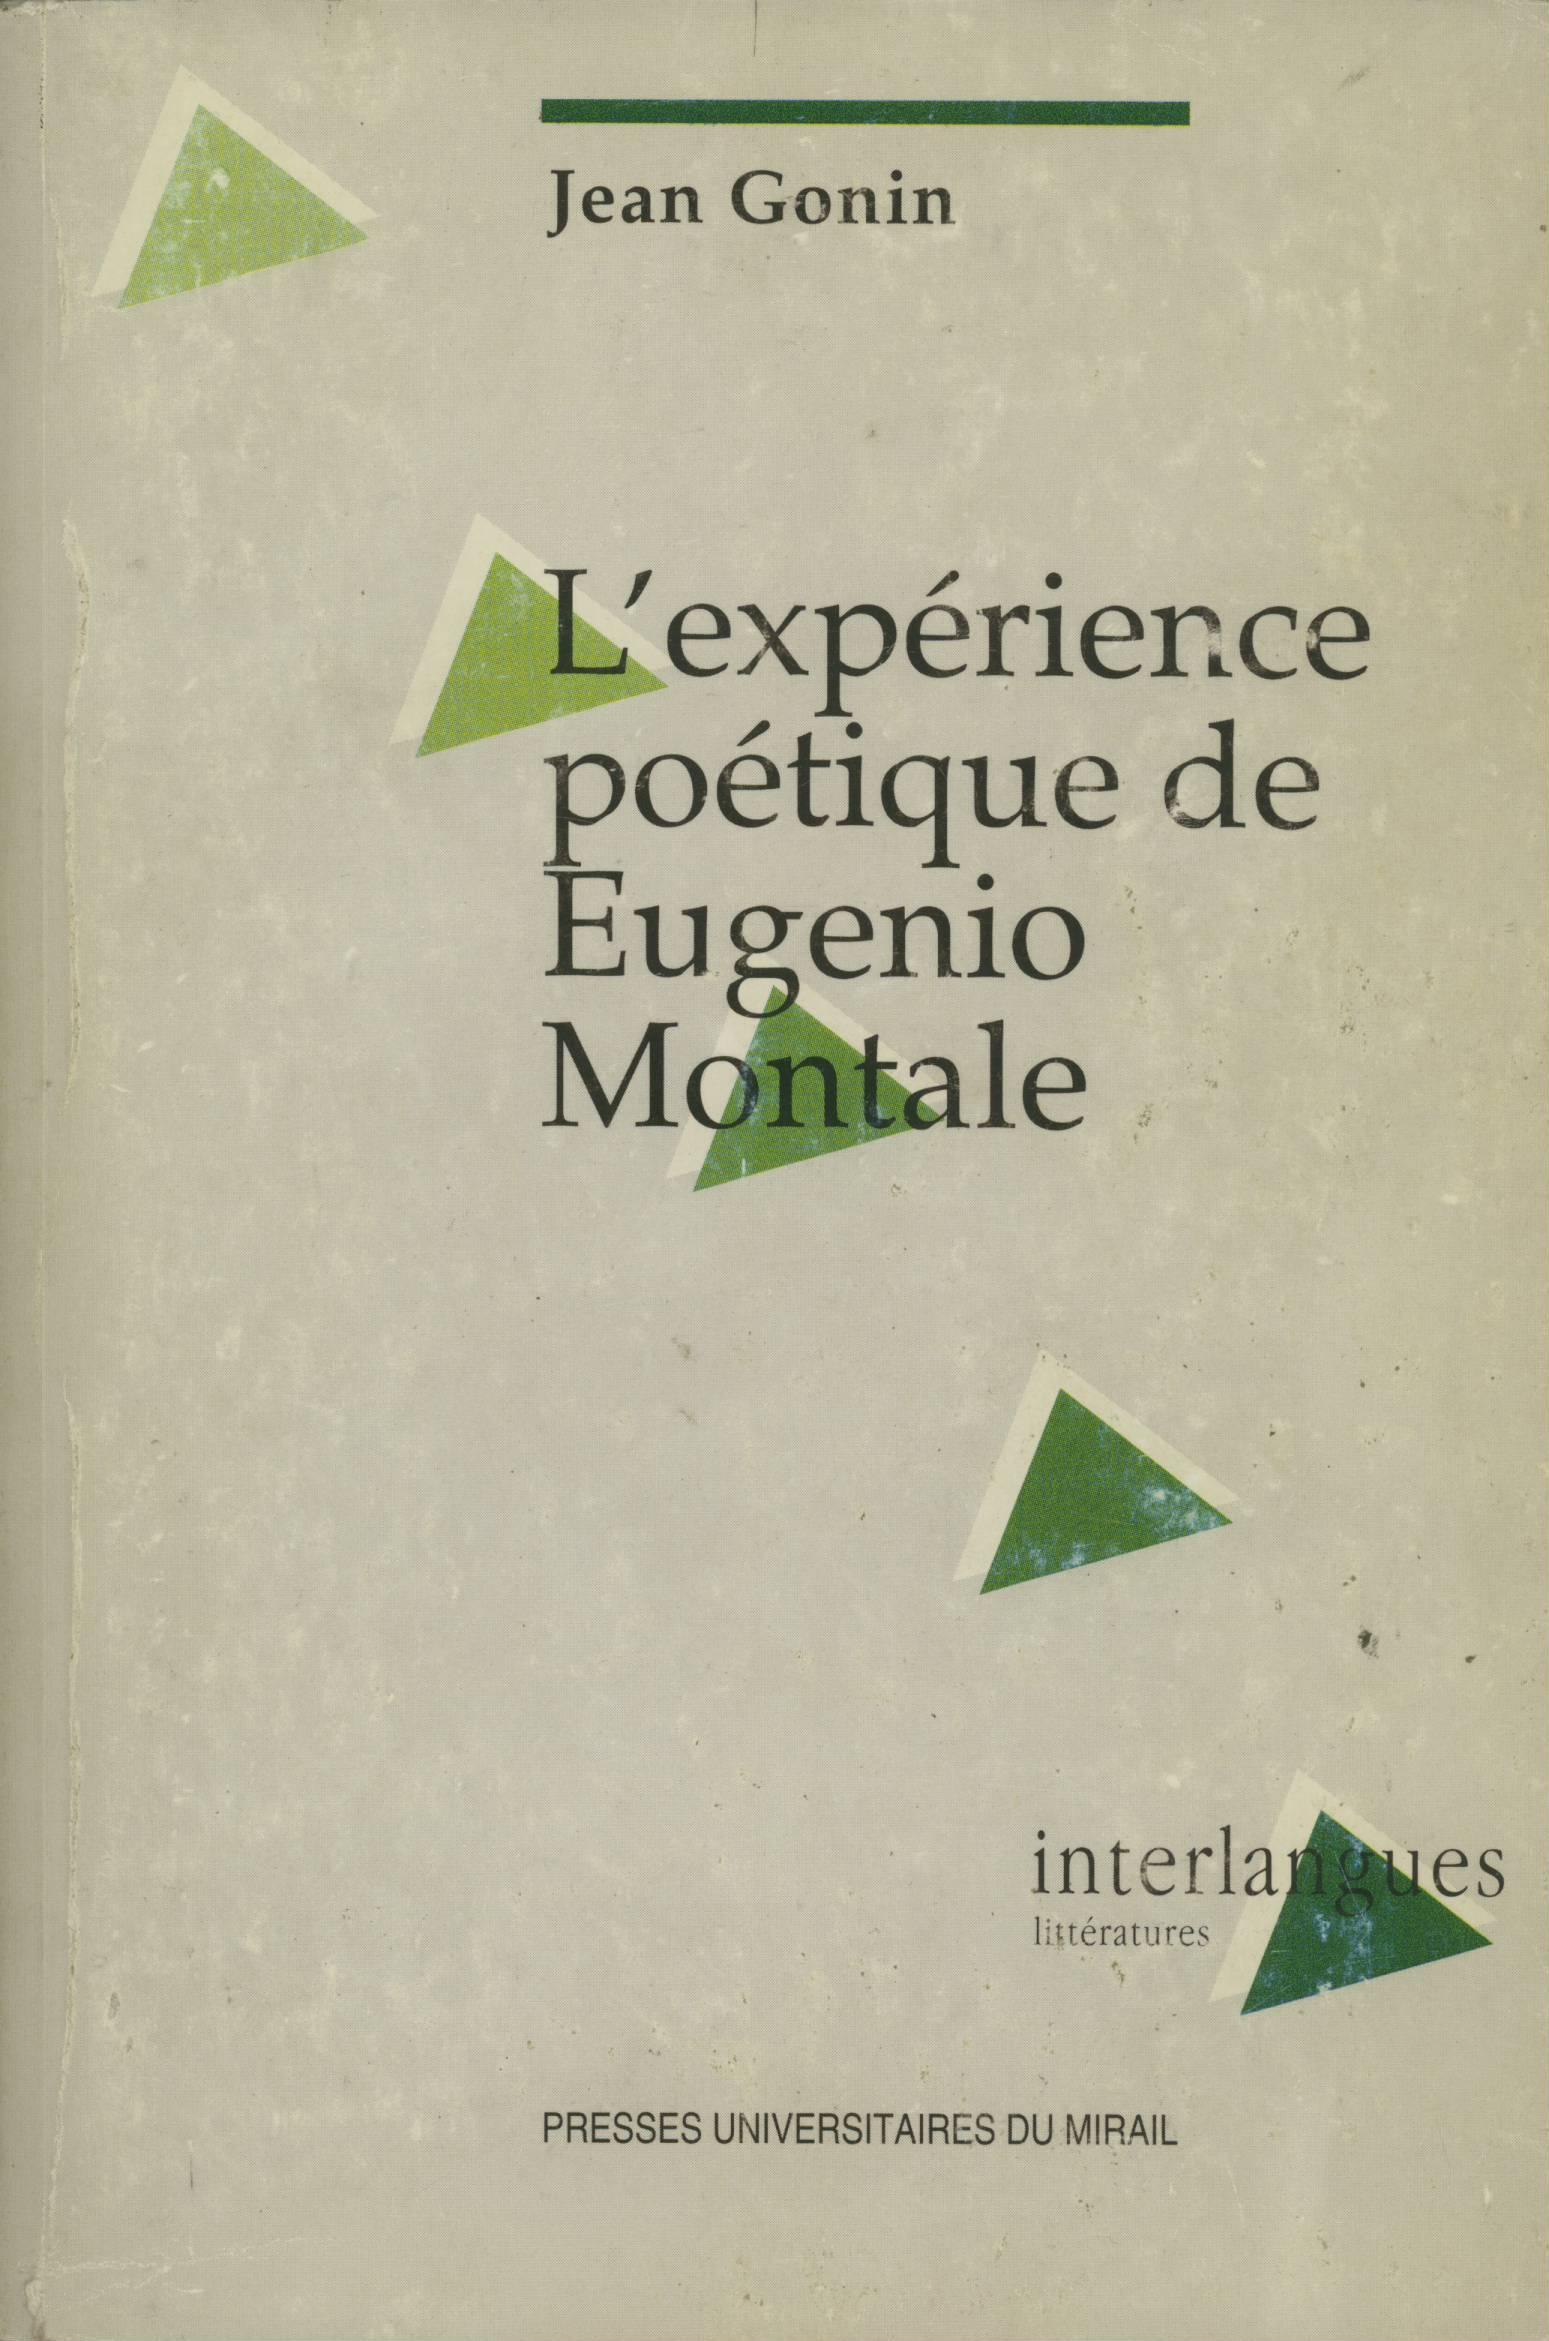 L'expérience poétique de Eugenio Montale